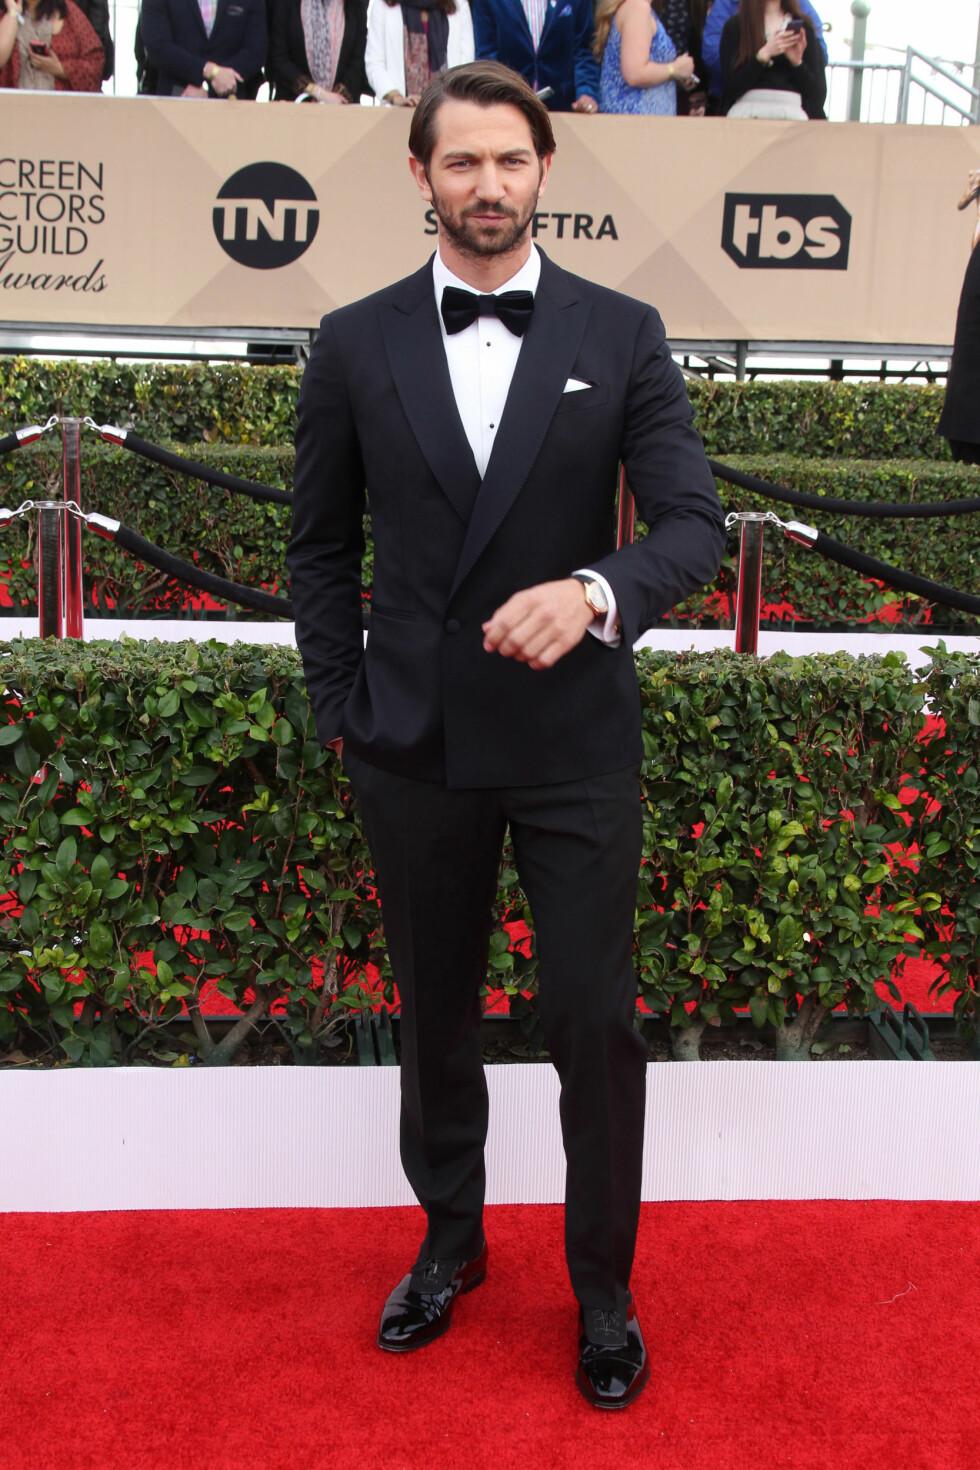 Den tyske skuespilleren, Michael Huisman, ser like godt ut som Daario - til tross for at det lange håret (som vi elsker ja) er borte. Foto: Splash News